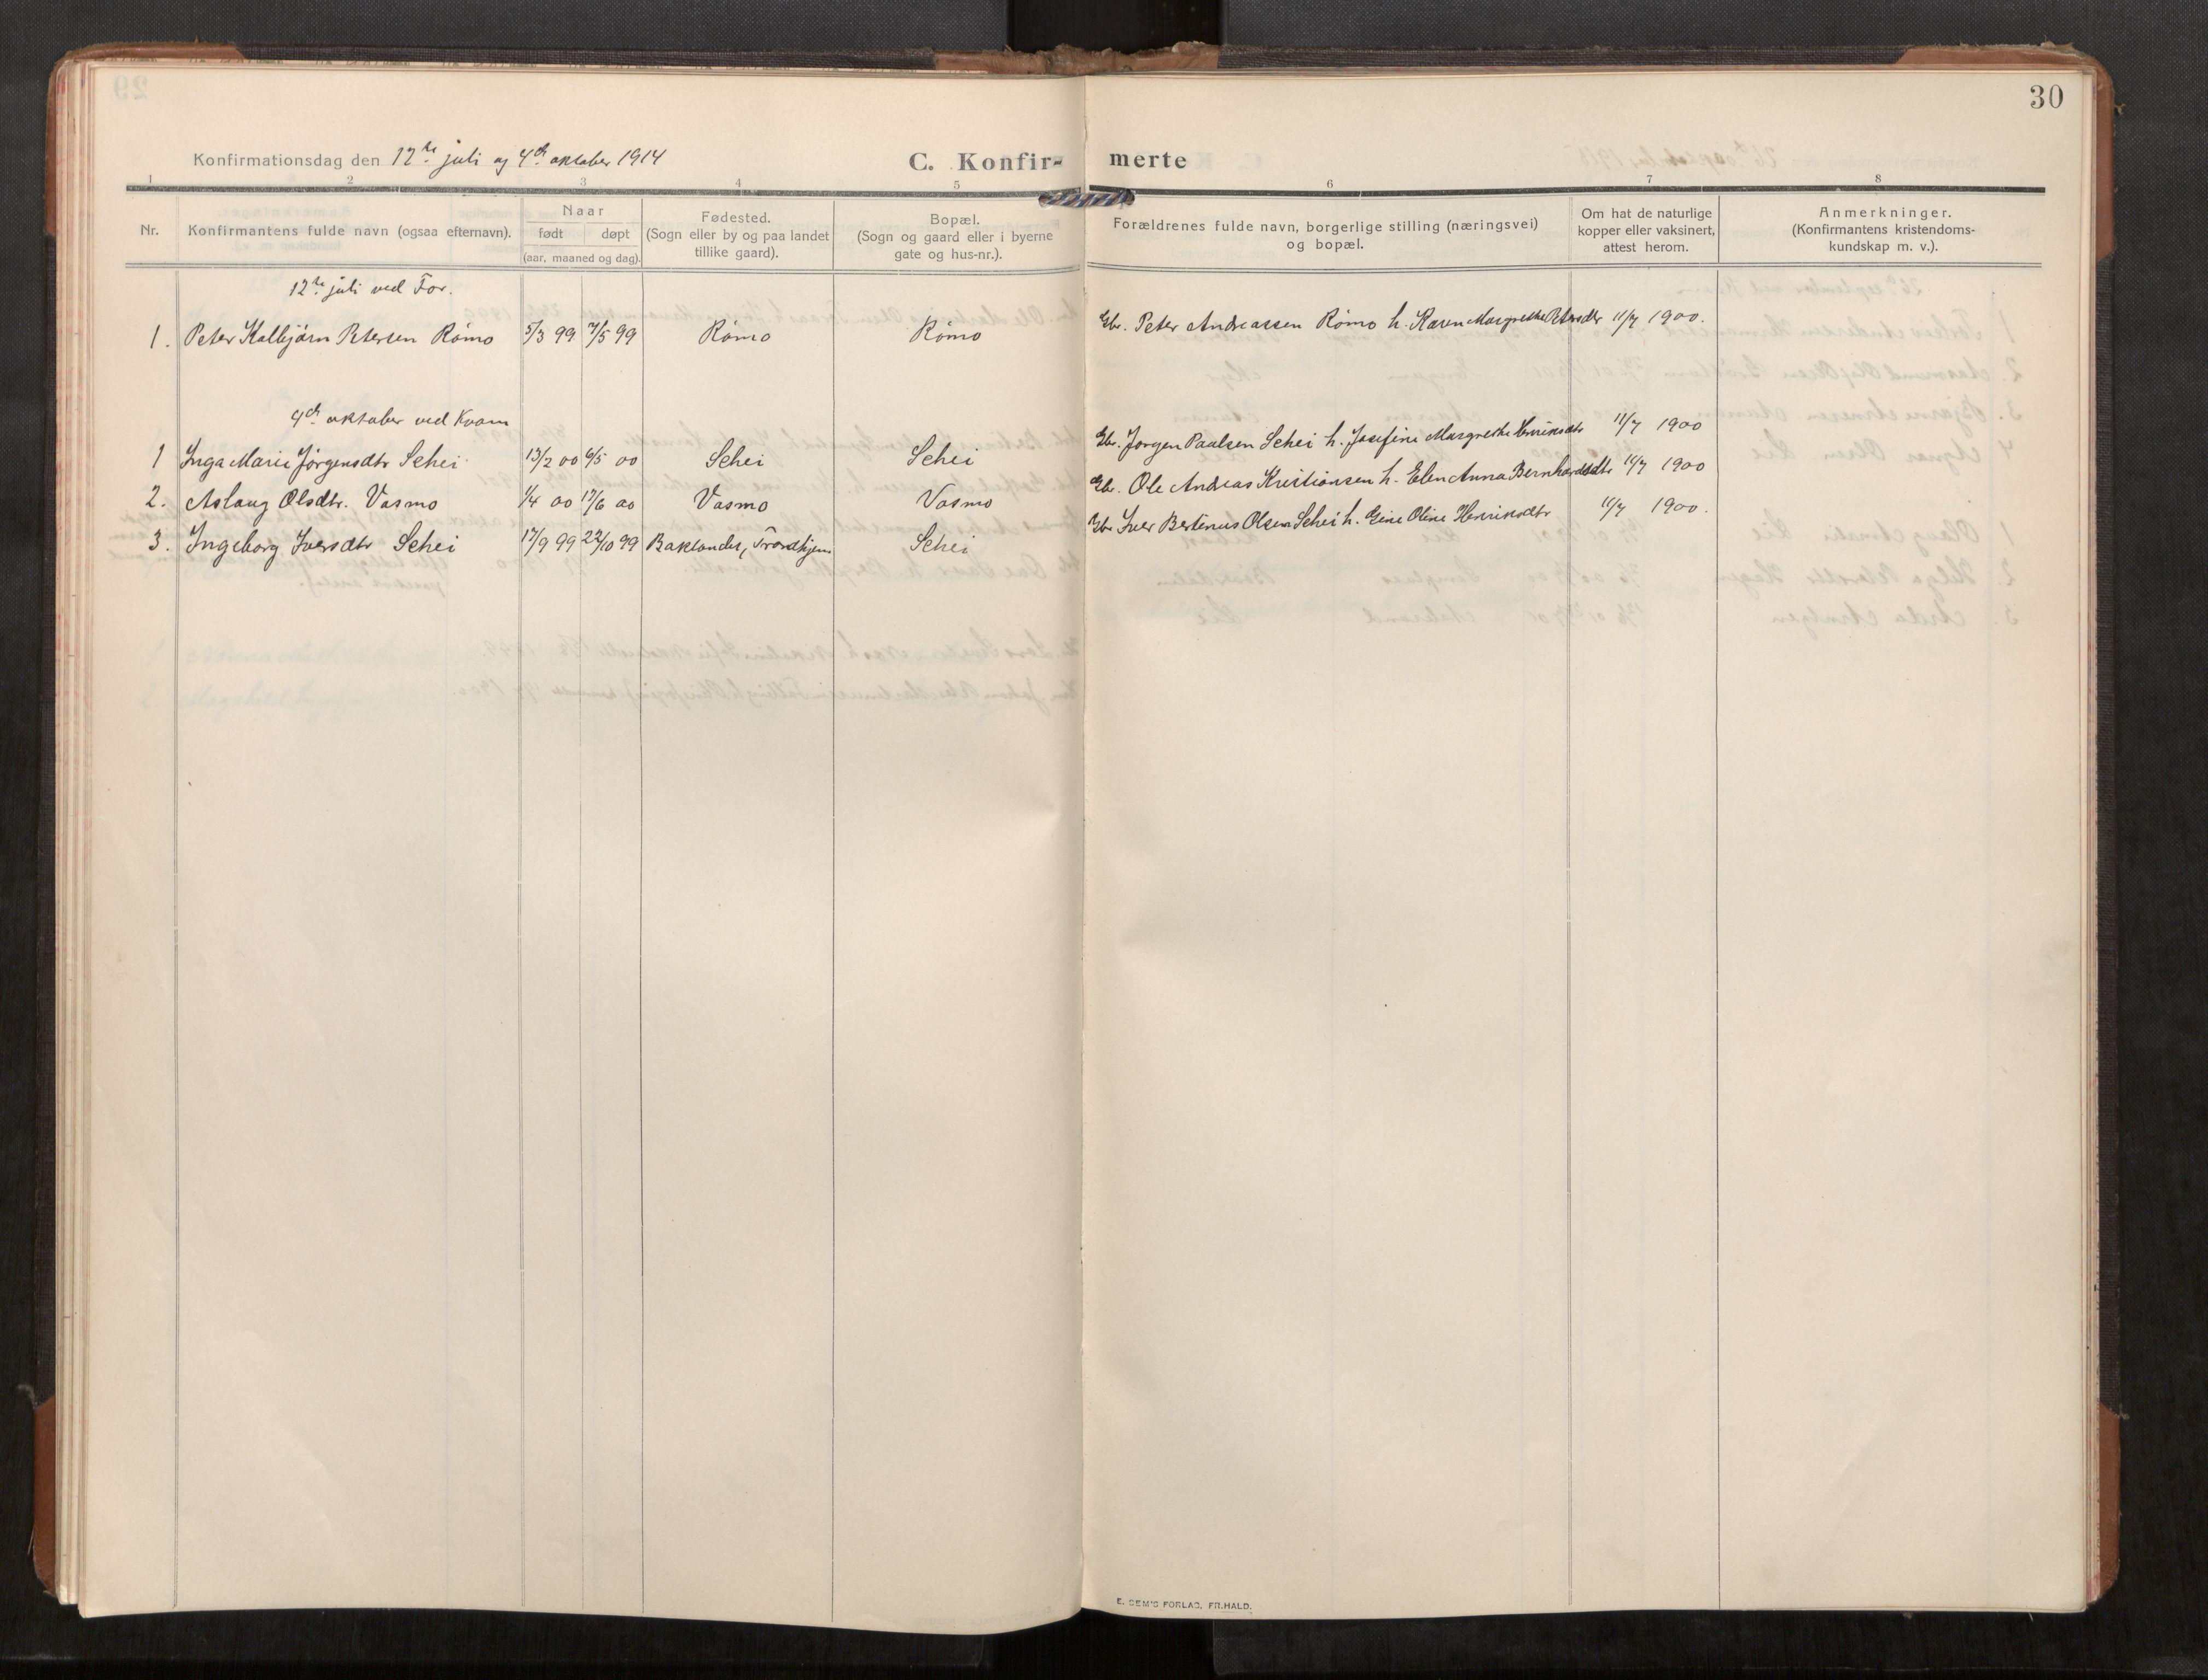 SAT, Stod sokneprestkontor, I/I1/I1a/L0003: Parish register (official) no. 3, 1909-1934, p. 30